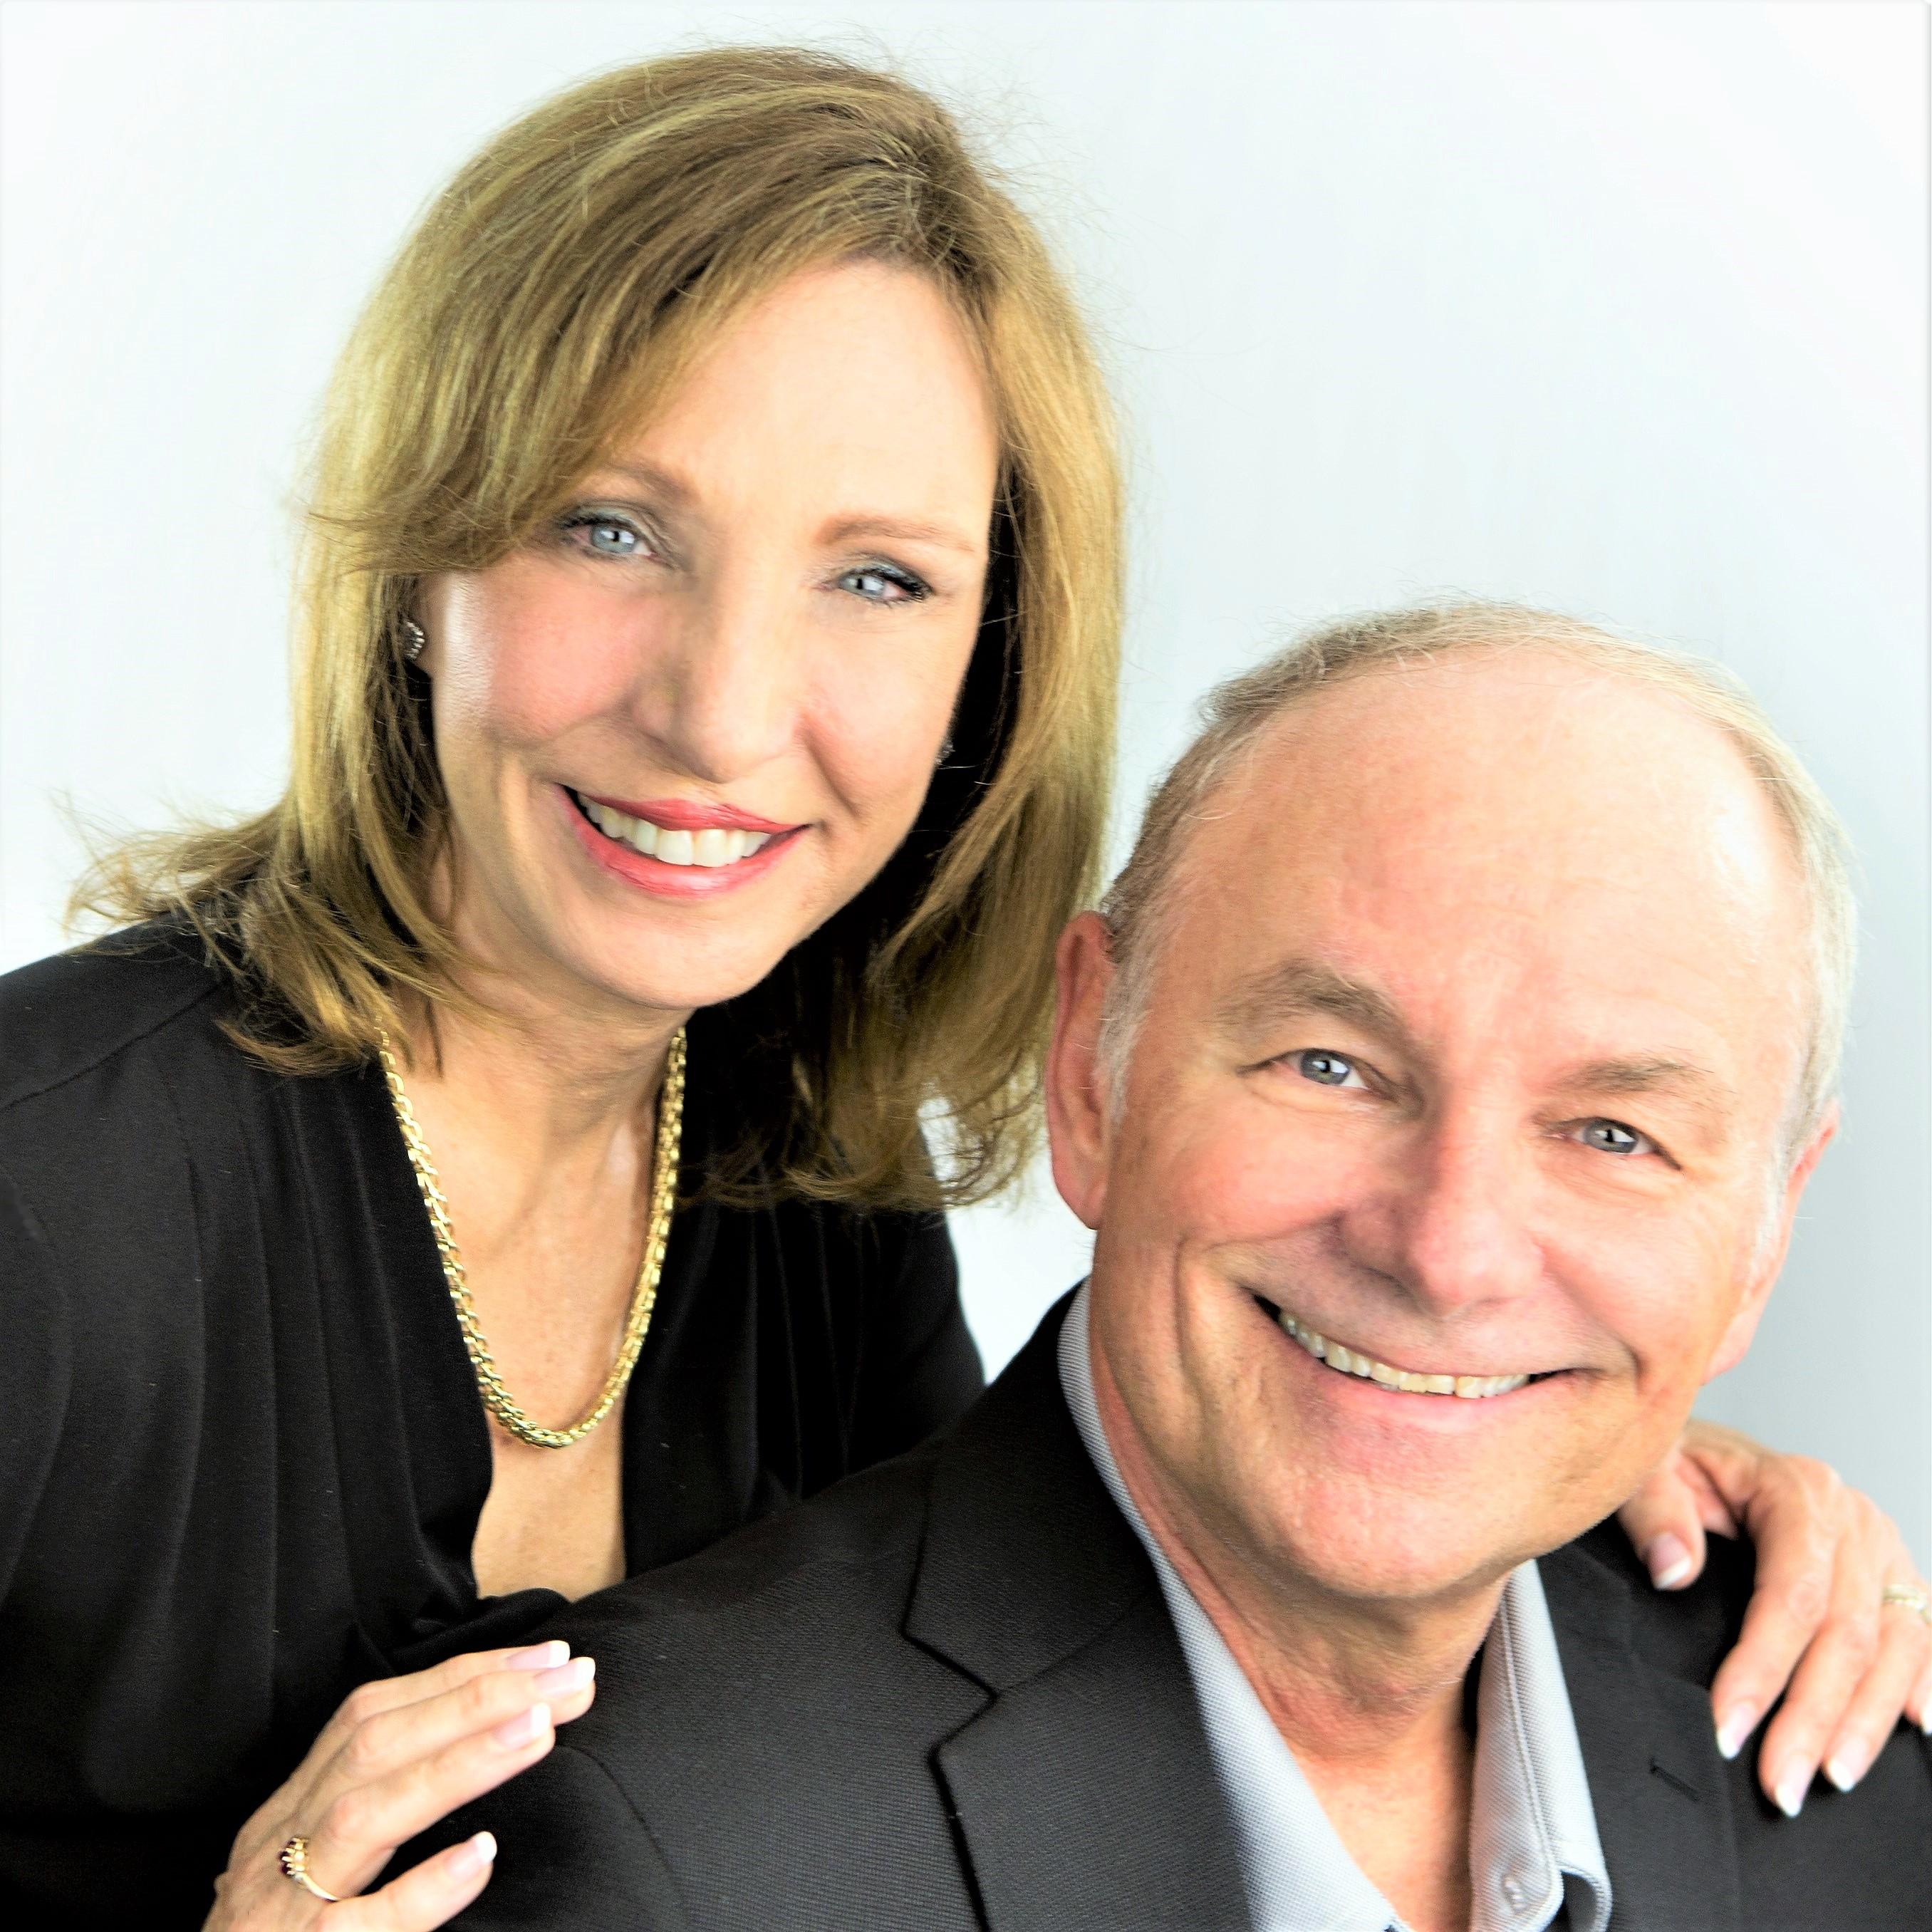 Chuck & Cathy Allford